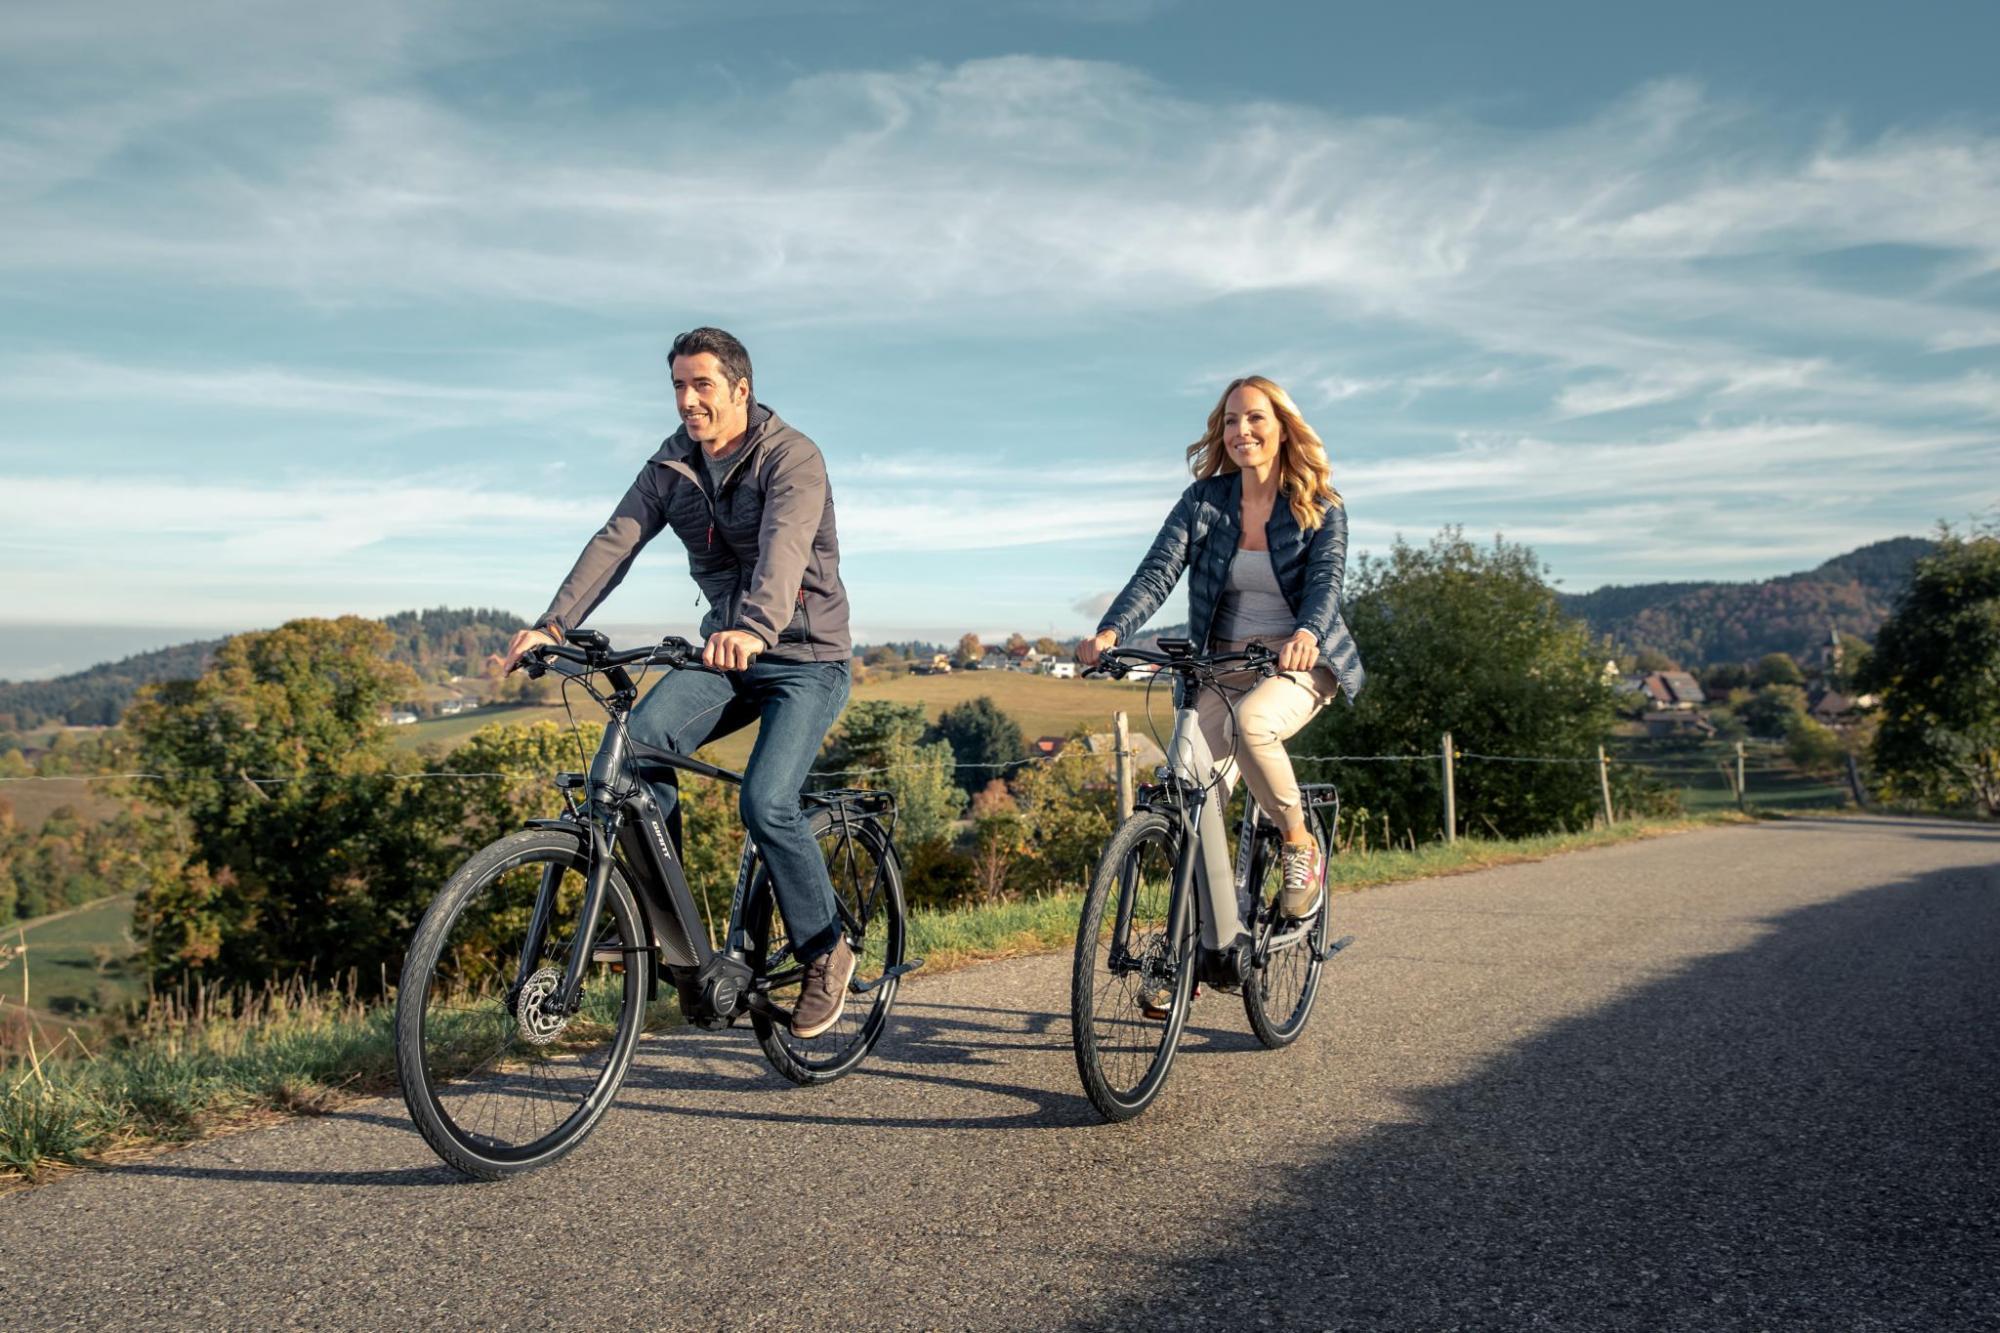 Hoeveel calorieën verbrandt u met fietsen?